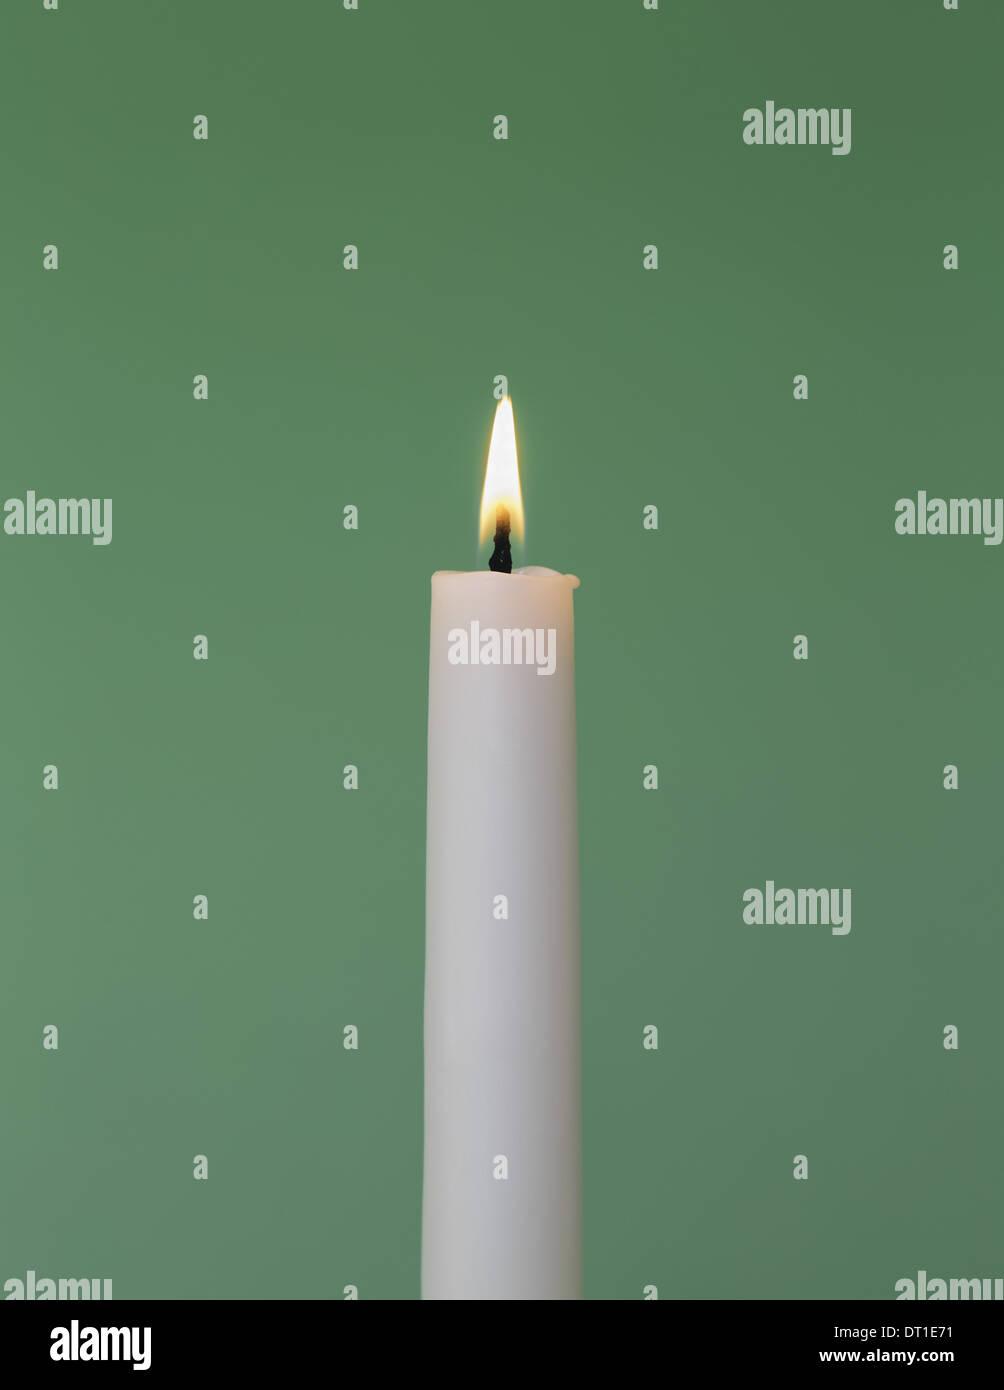 dünne weiße Wachskerze mit kleinen hellen Flamme Stockbild